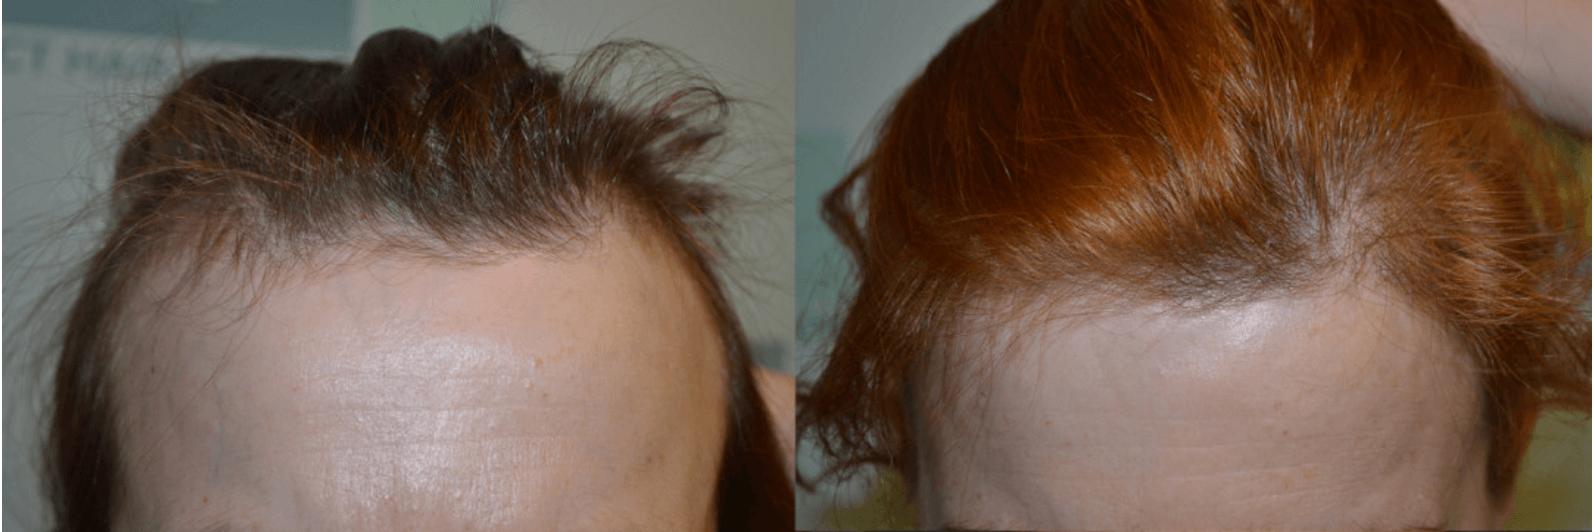 Perte de cheveux diffuse chez la femme